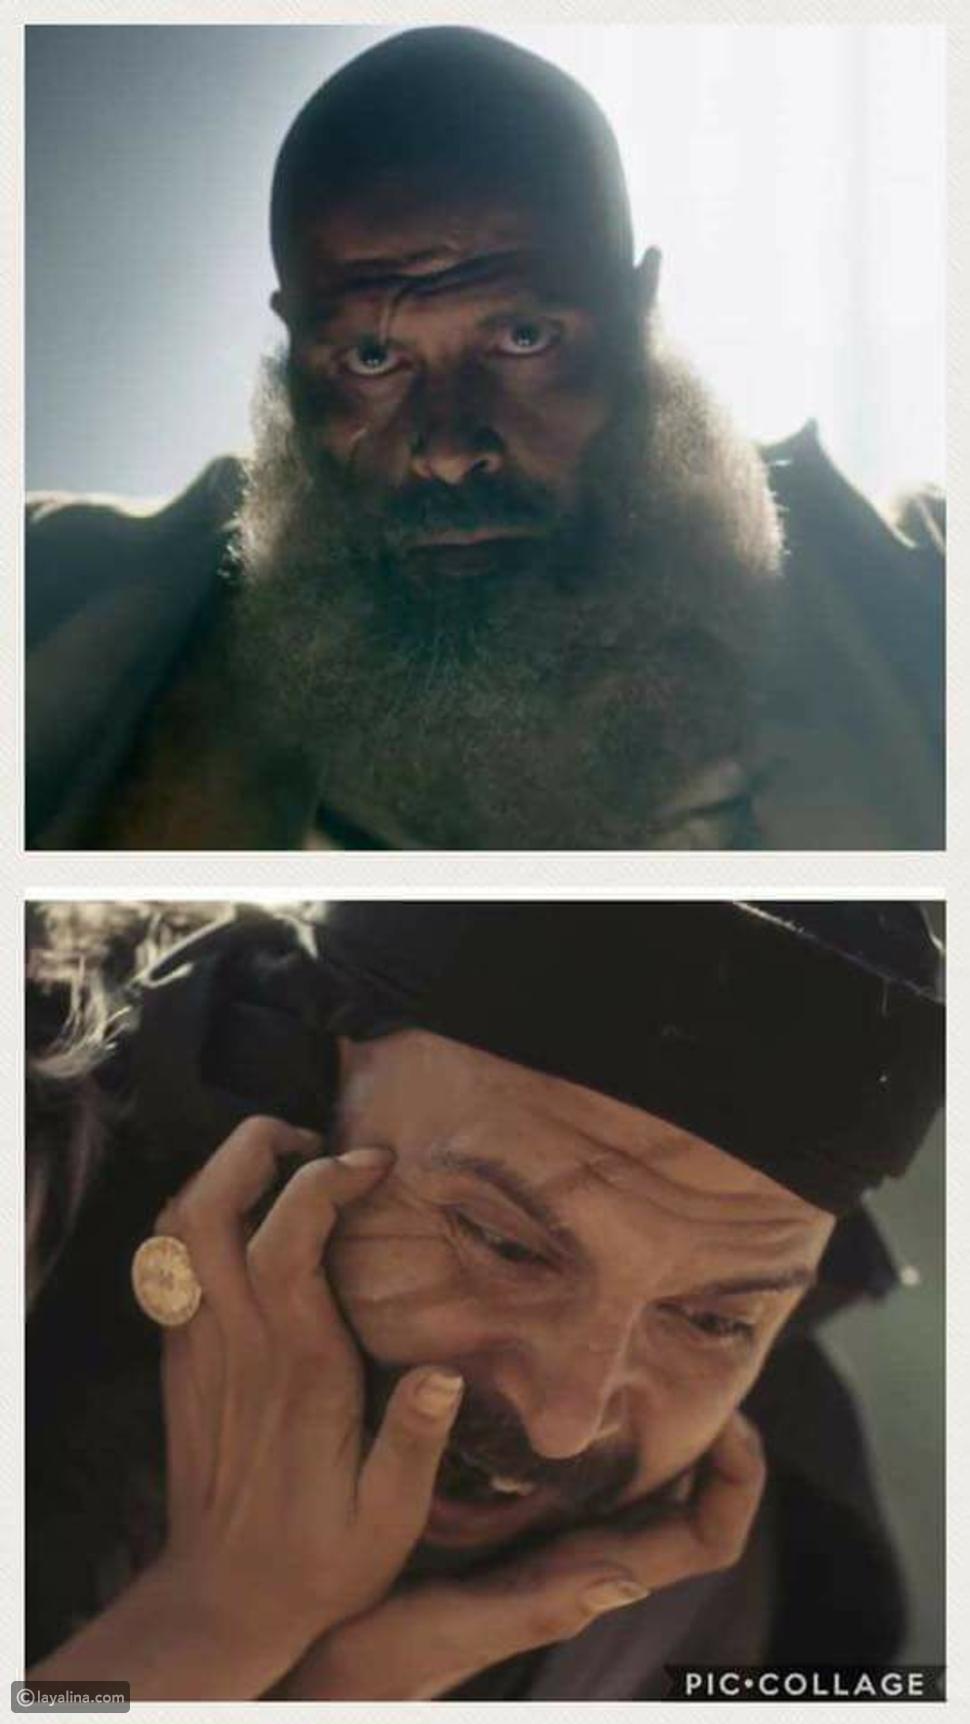 الخاتم الذي ارتدته والدة يوسف الشريف في المسلسل